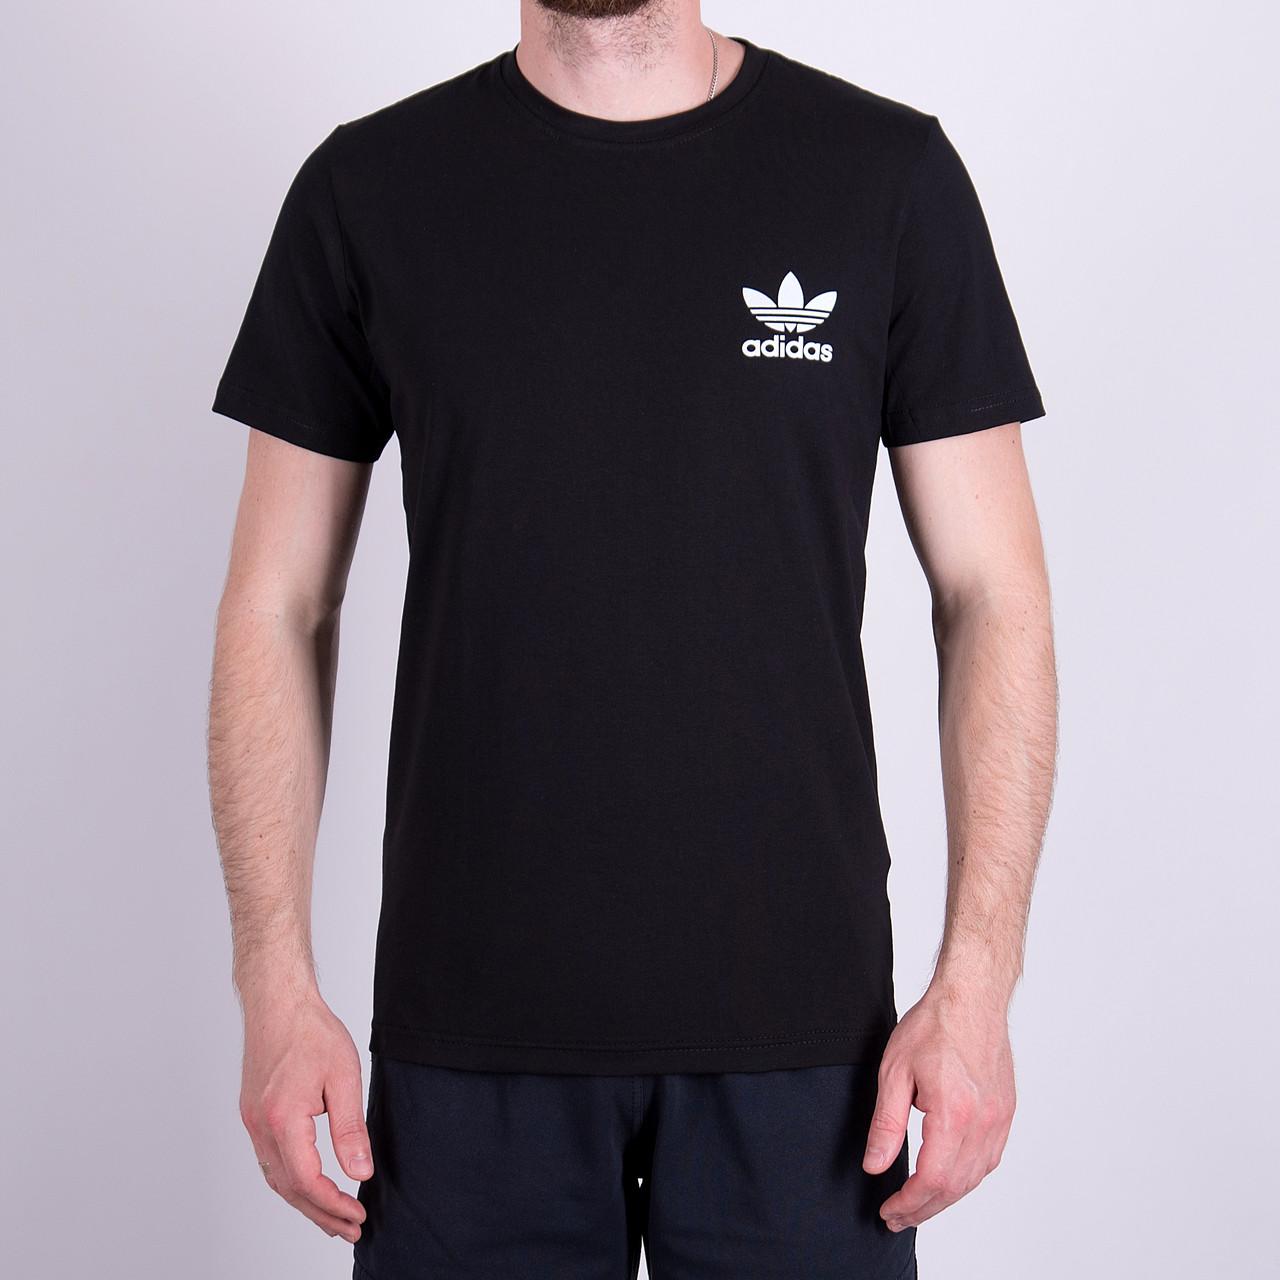 Чоловіча футболка Adidas, чорного кольору